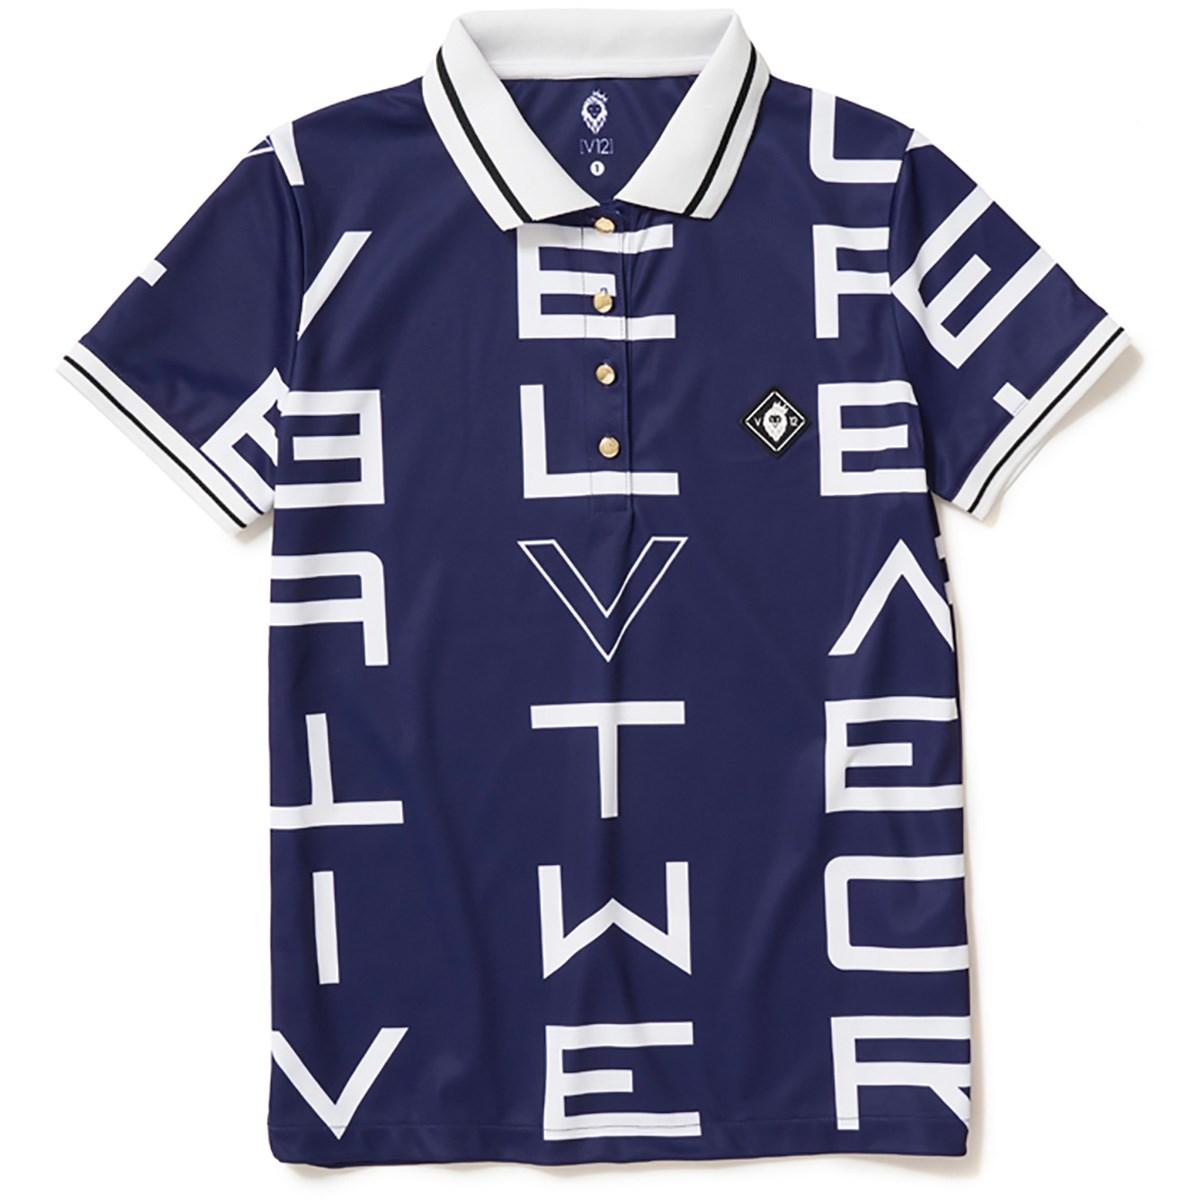 ヴィ・トゥエルヴ V12 GALAXY 半袖ポロシャツ 1 ネイビー レディス